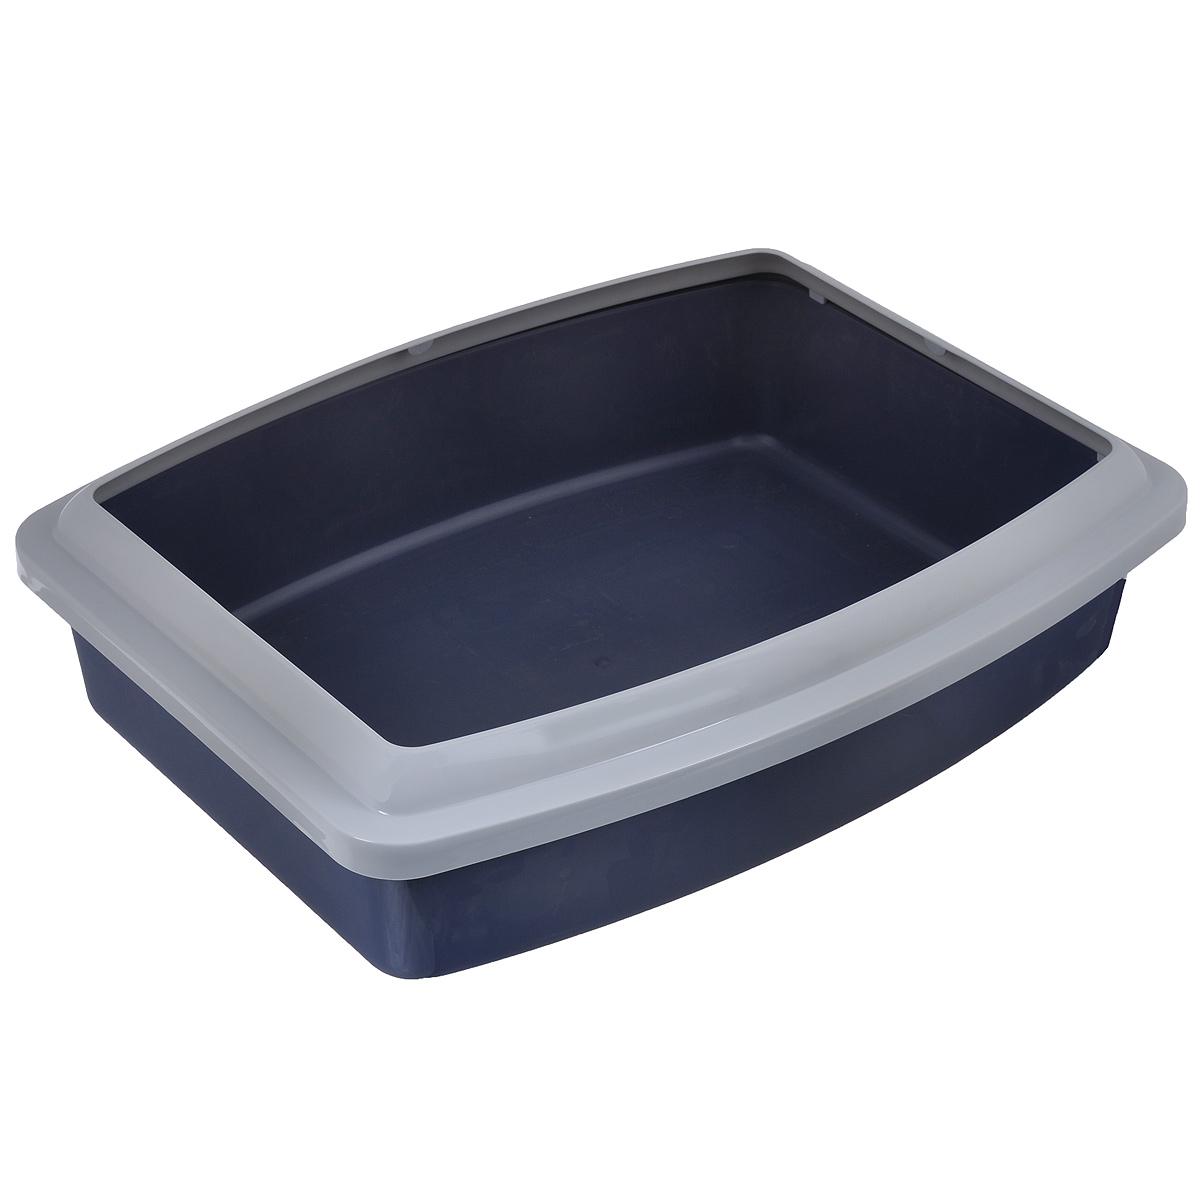 Туалет для кошек Savic Oval Trays Jumbo, с бортом, 56 х 43,5 х 14,5 см12171996Туалет для кошек Savic Oval Trays Jumbo изготовлен из качественного прочного пластика. Высокий цветной борт, прикрепленный по периметру лотка, удобно защелкивается и предотвращает разбрасывание наполнителя.Это самый простой в употреблении предмет обихода для кошек и котов.